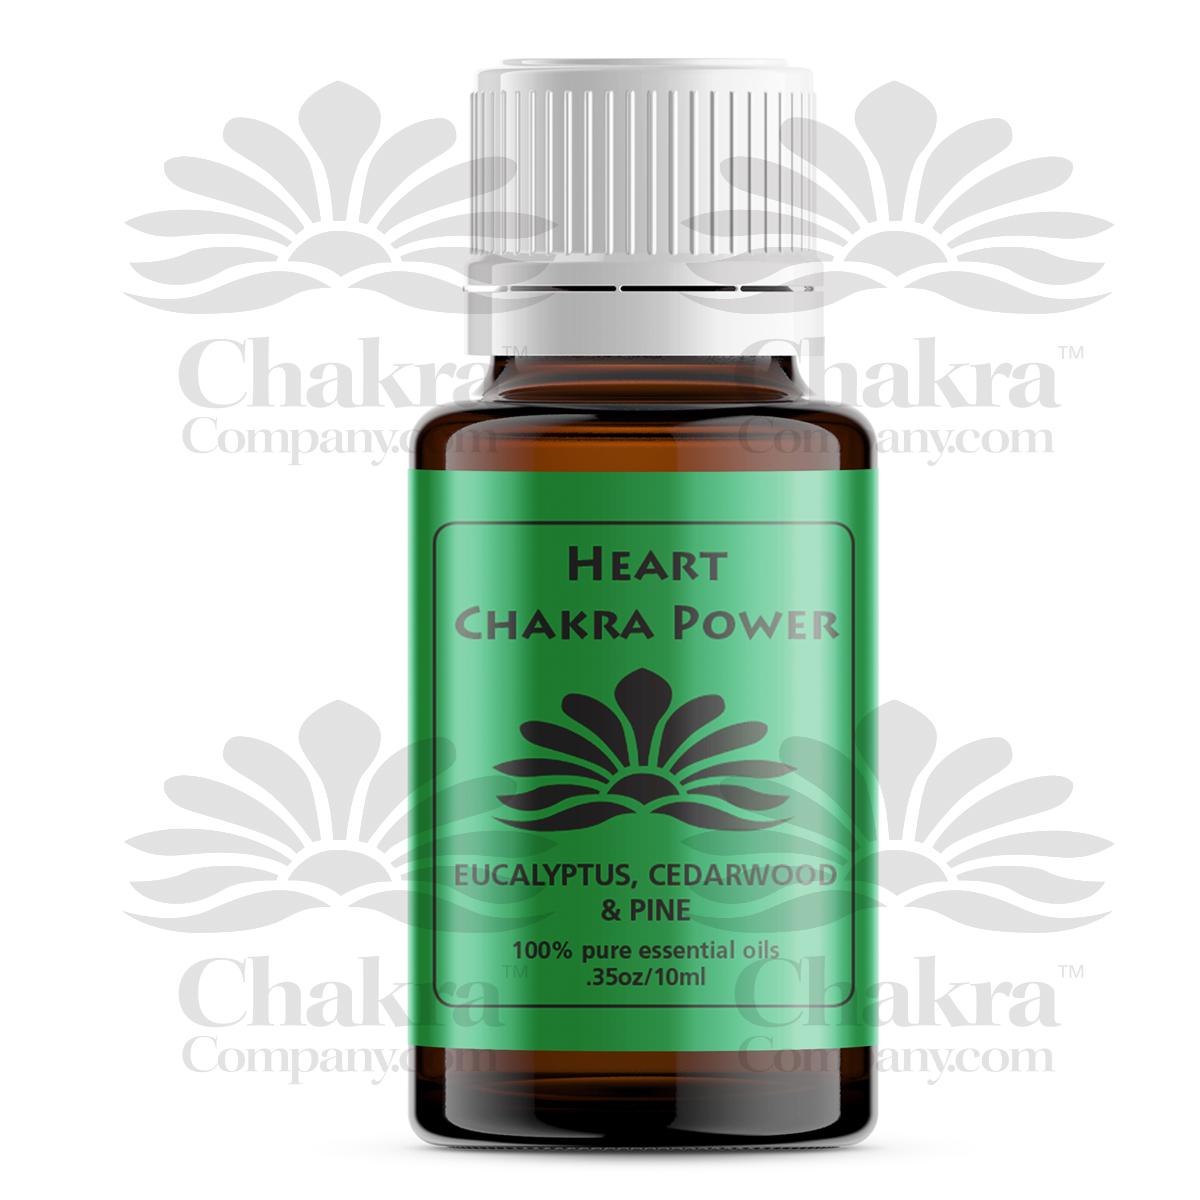 Heart Chakra Power